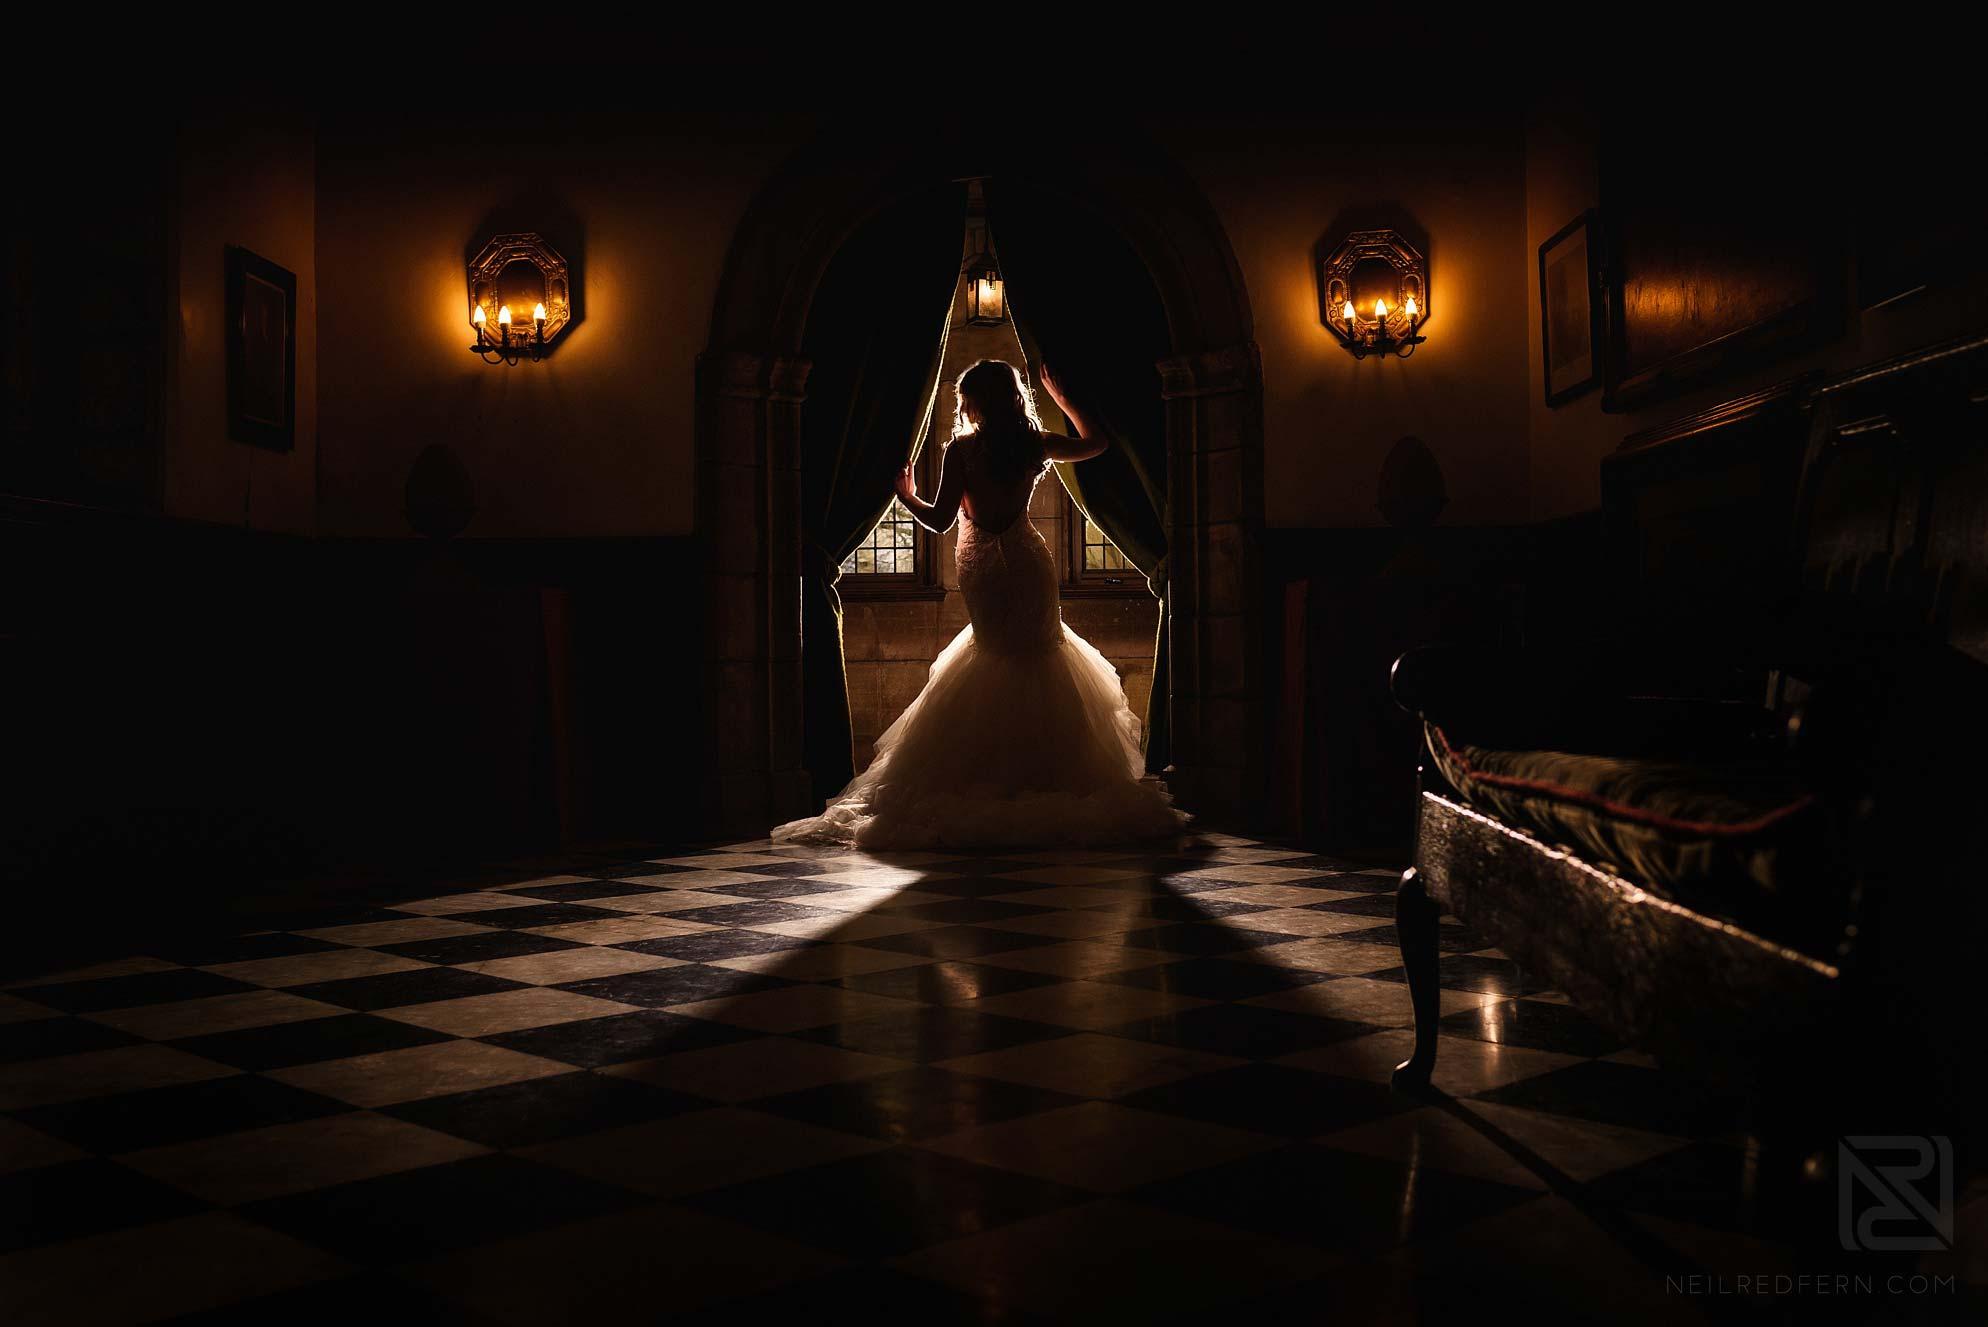 wedding-photography-workshop-lancashire-05